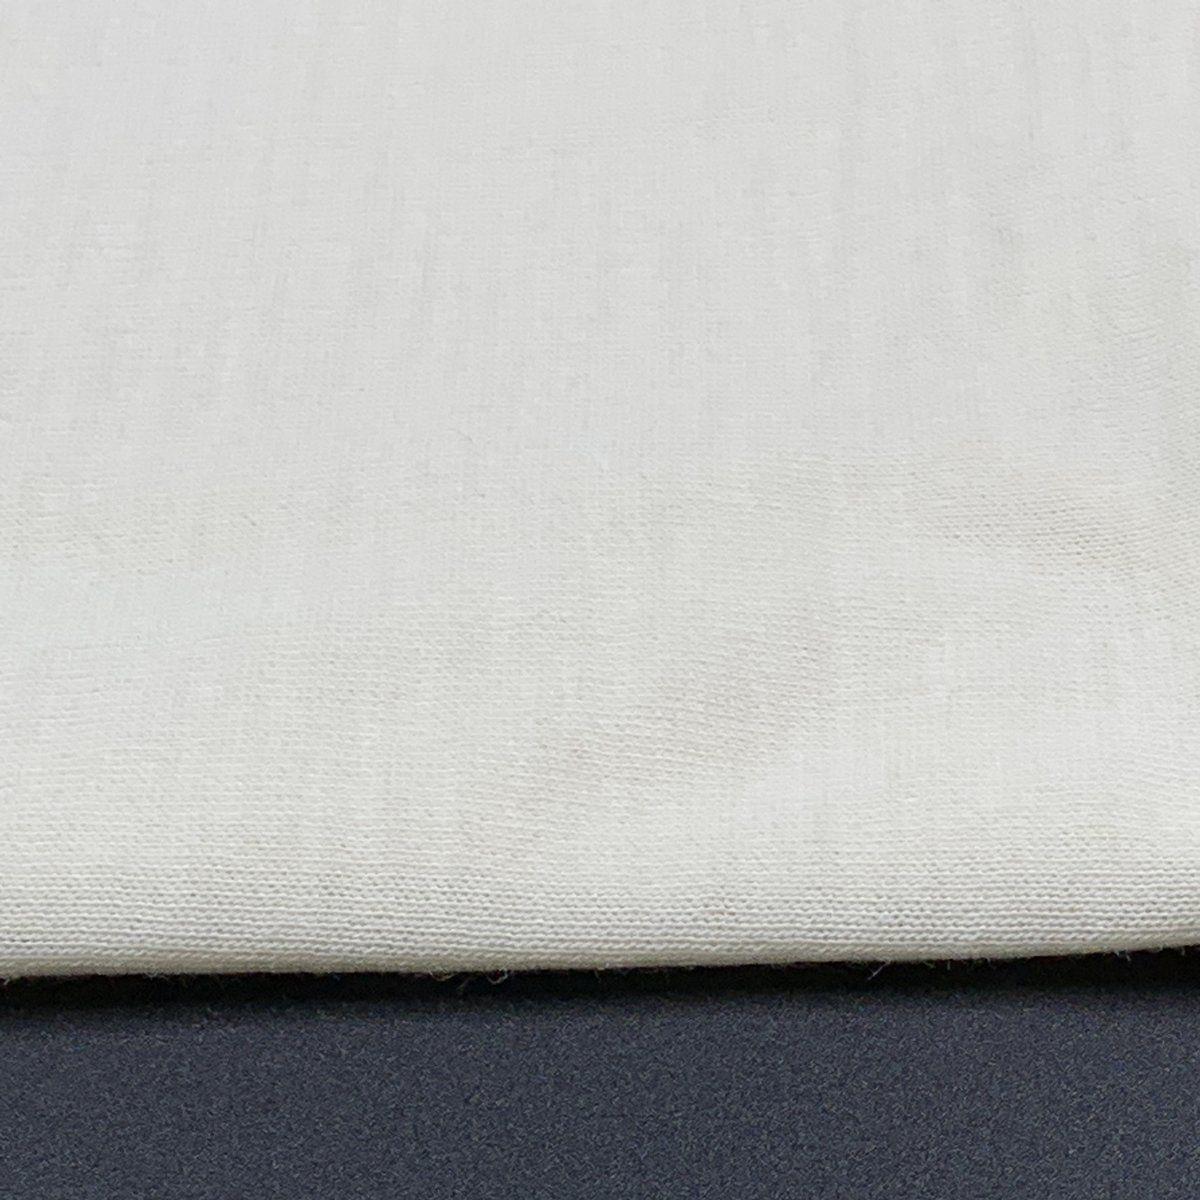 Merino Wool Jersey Made In Usa Natural In 2020 Merino Wool Wool Merino